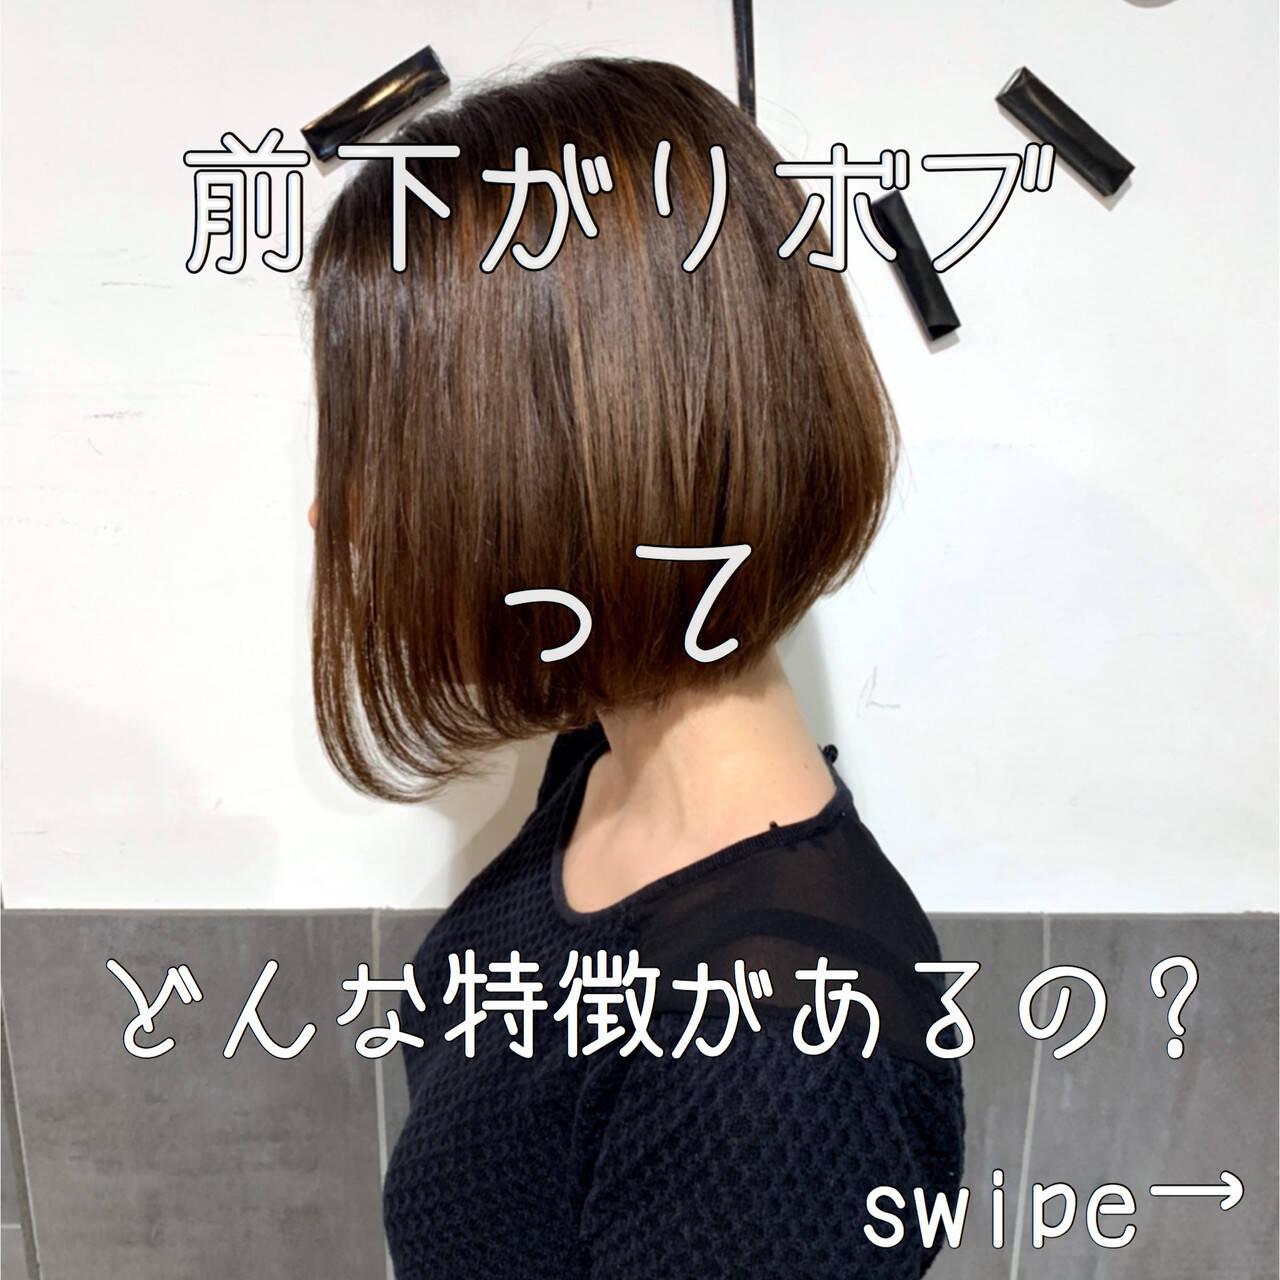 大人ショート 丸みショート ショートヘア ボブヘアスタイルや髪型の写真・画像